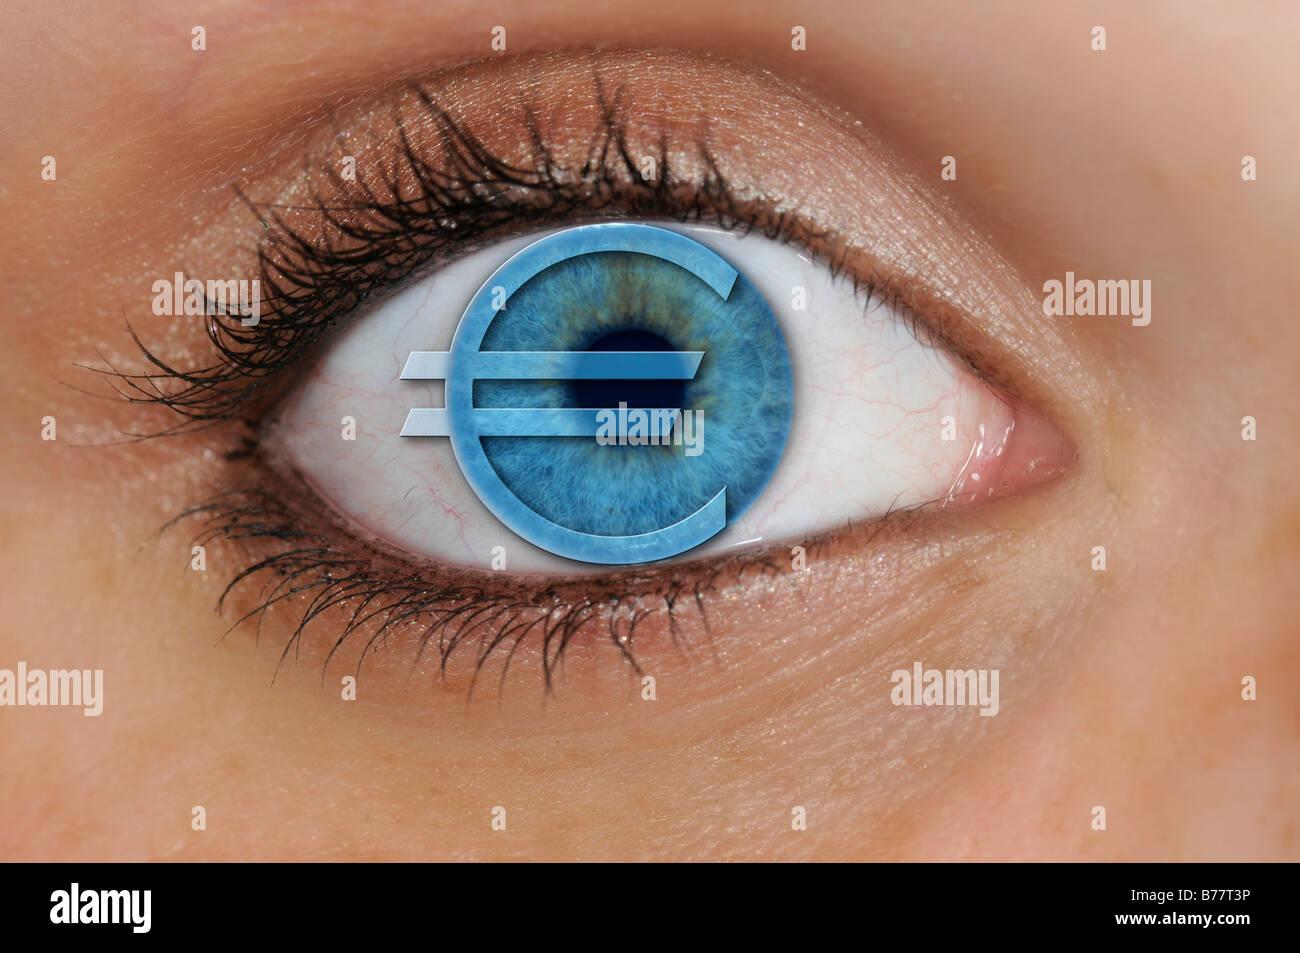 Auge mit einem Euro-Symbol überlagert eine blaue Iris, Detail, symbolisch für Geiz Stockbild